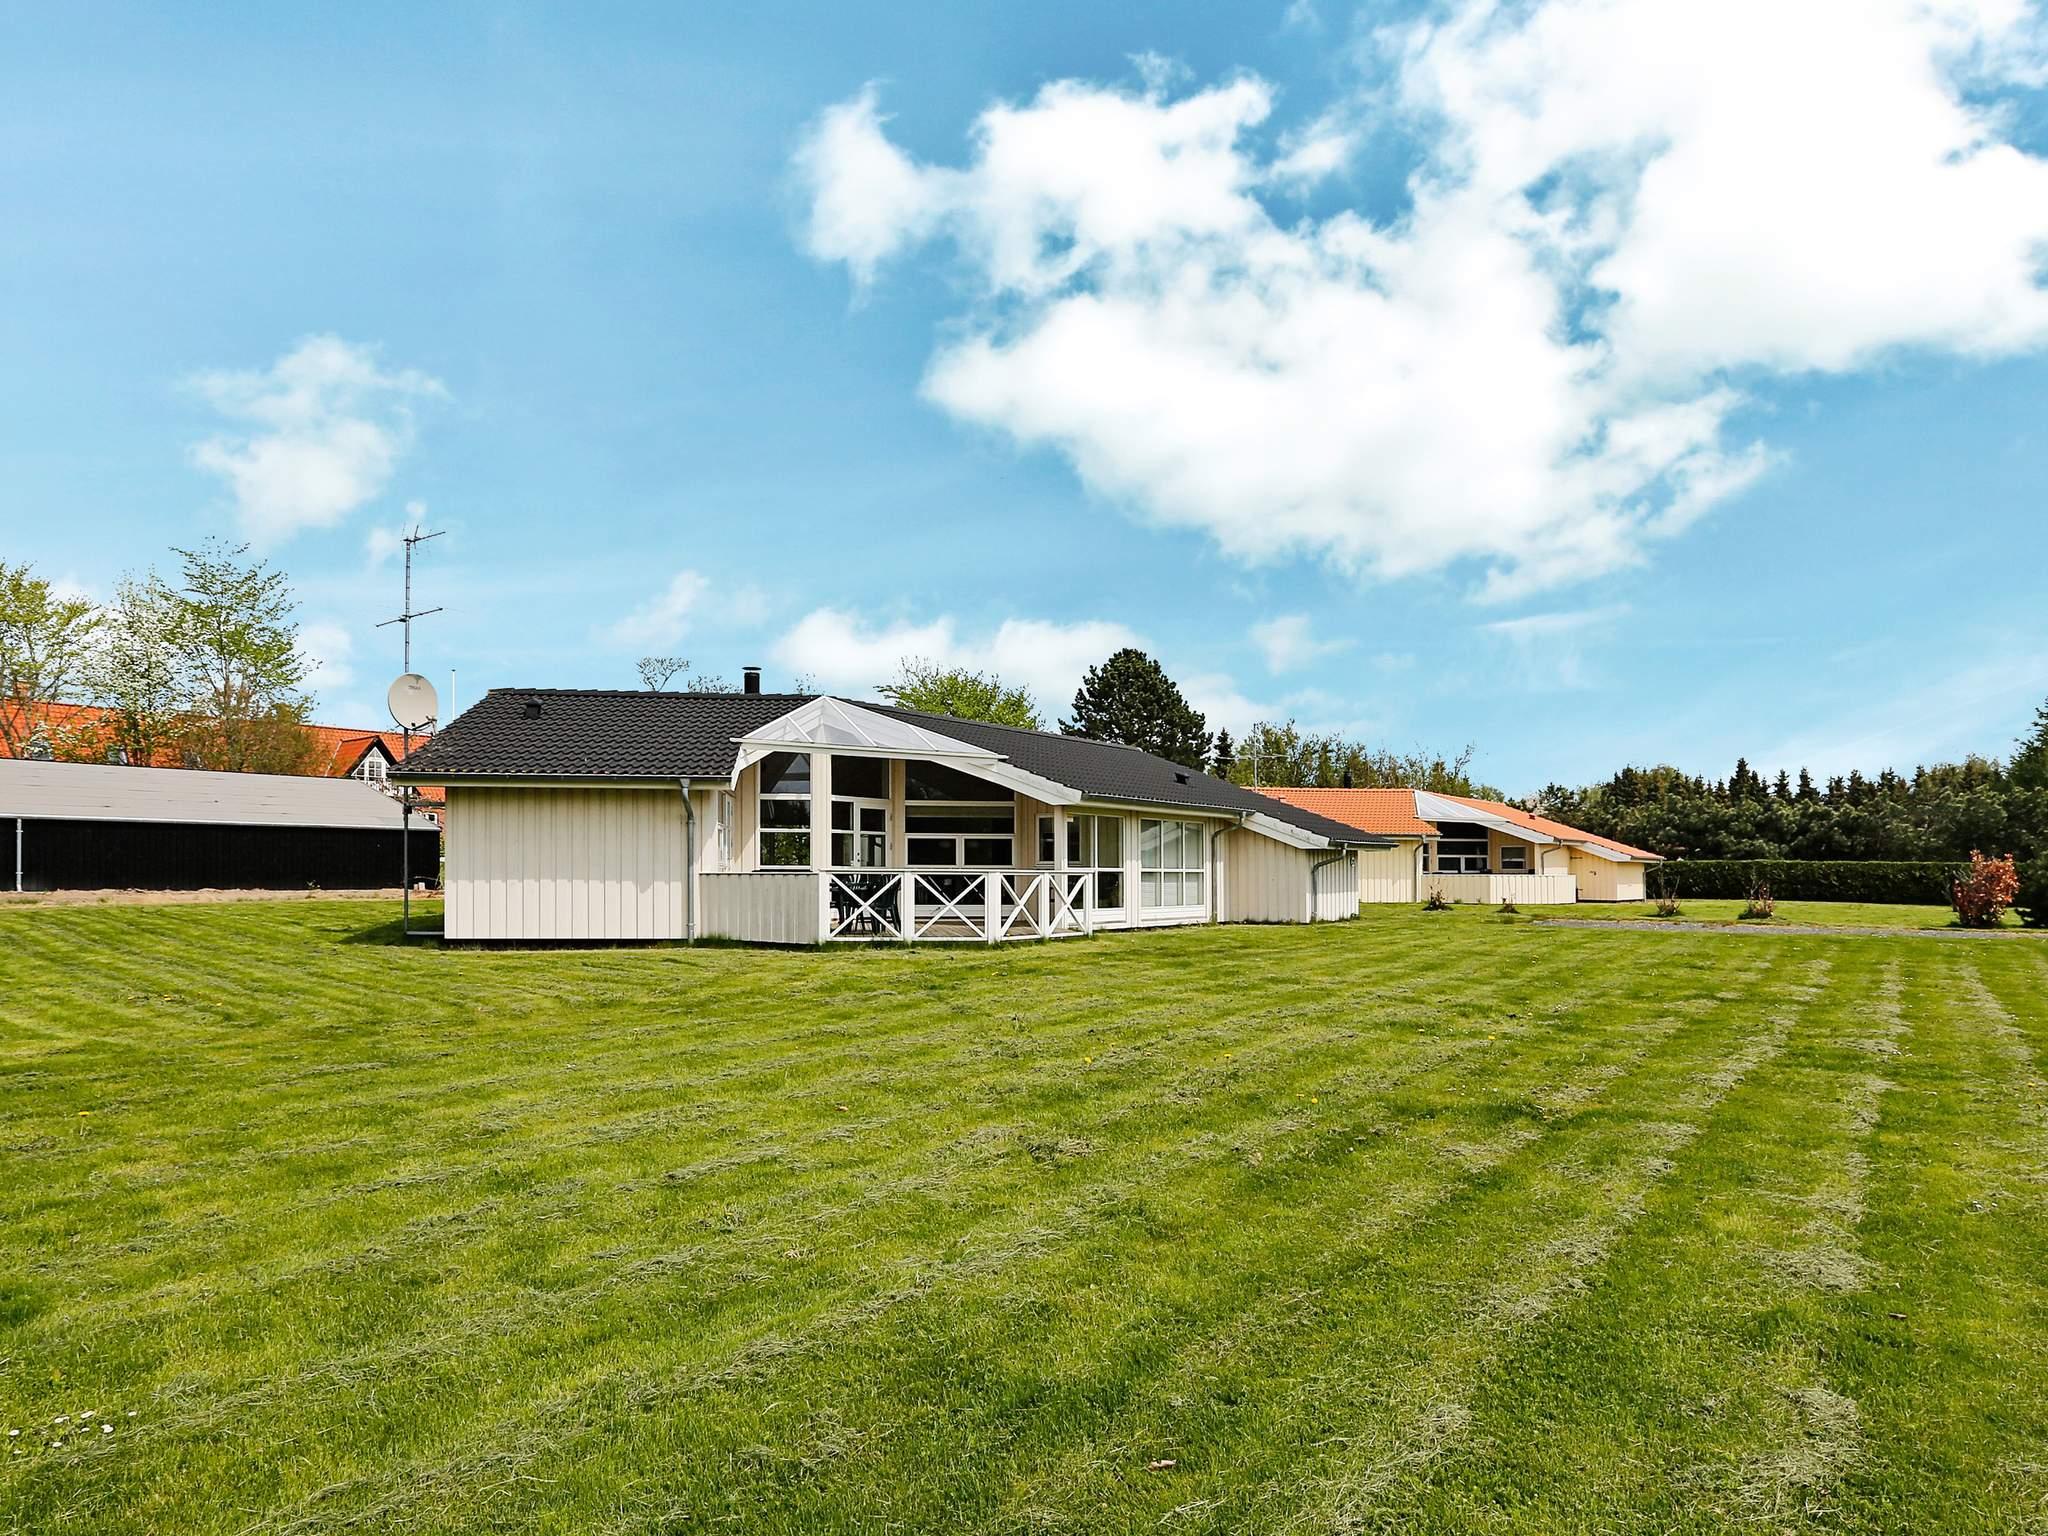 Ferienhaus Udsholt Strand (135446), Gilleleje, , Nordseeland, Dänemark, Bild 16